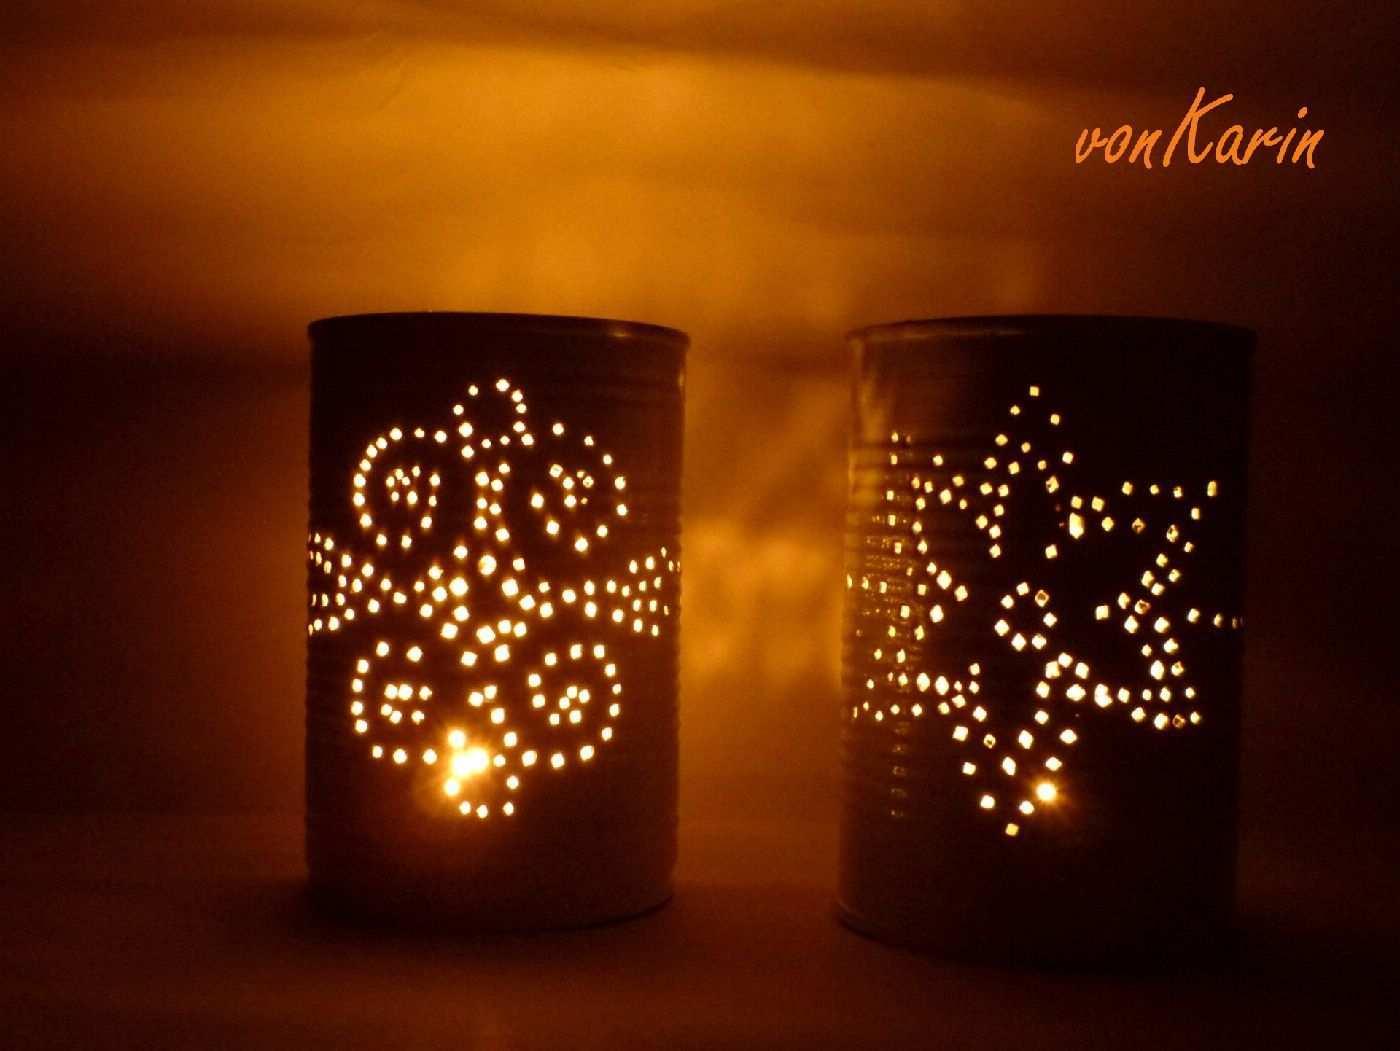 Romantische Laternen Aus Konservendosen Handmade Kultur Konservendosen Basteln Mit Dosen Blechdosen Basteln